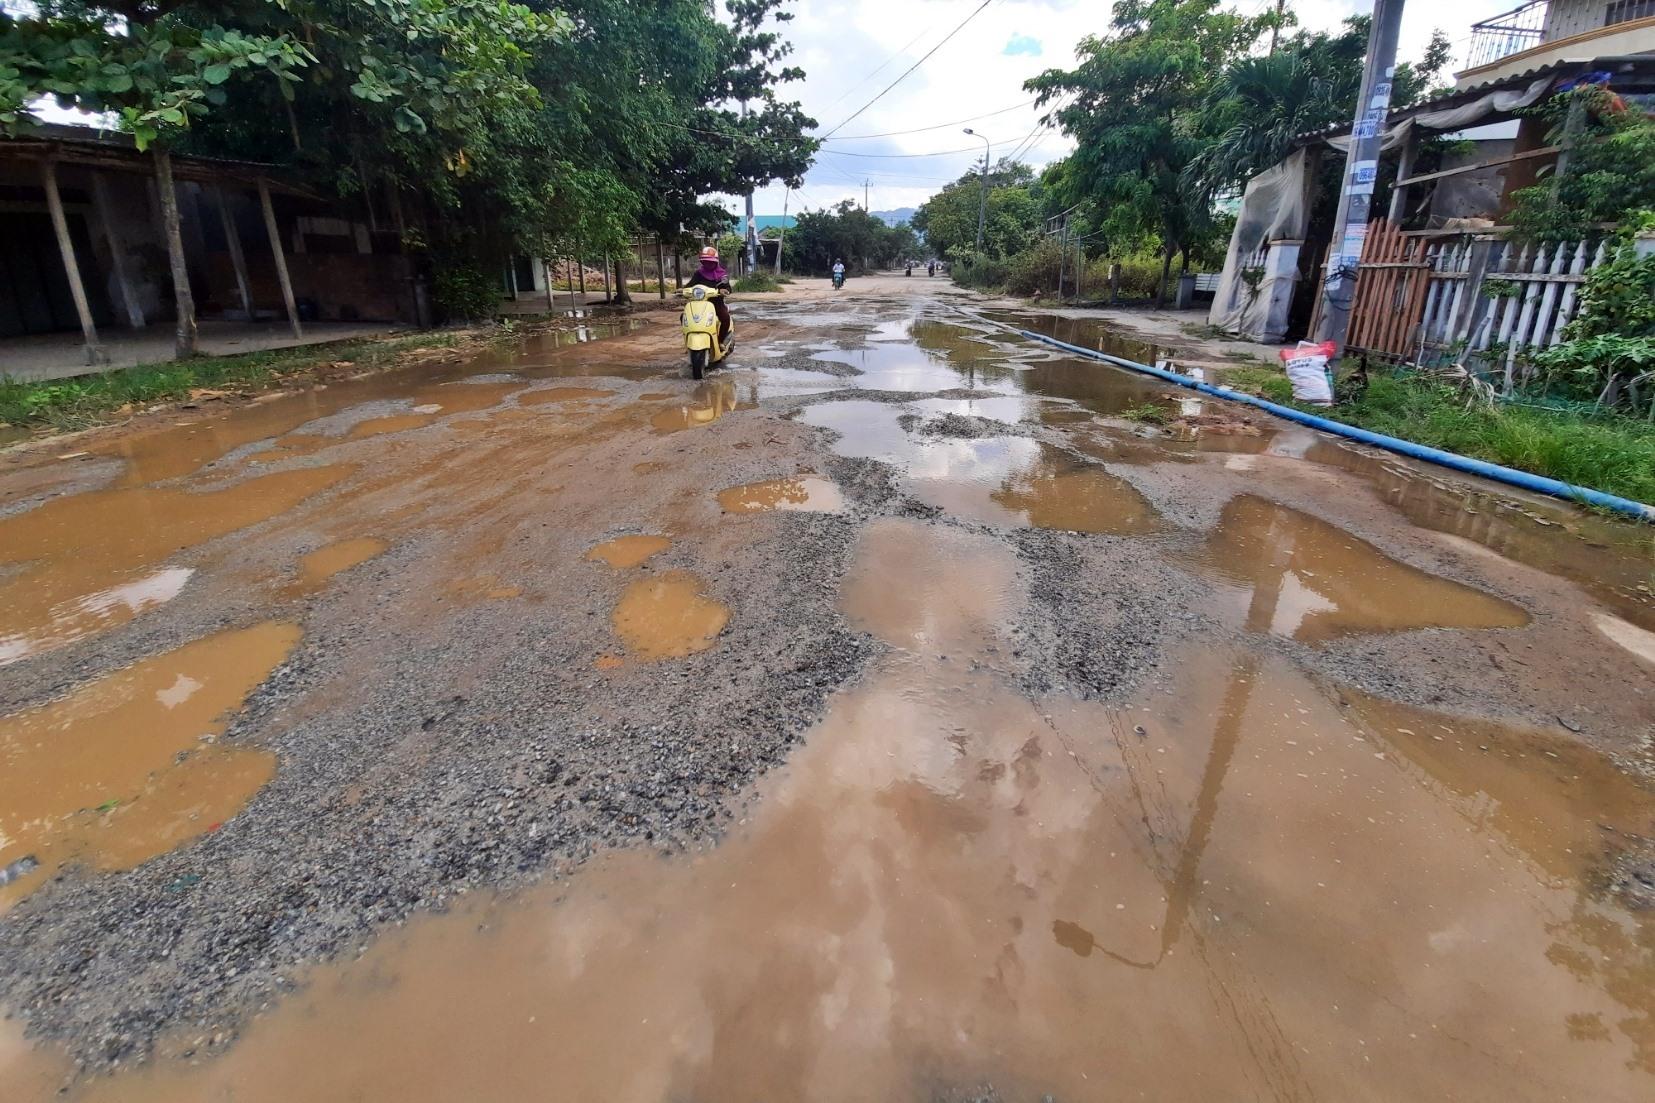 Tuyến giao thông liên xã từ thị trấn Núi Thành đi trung tâm xã Tam Giang đã xuống cấp nghiêm trọng.